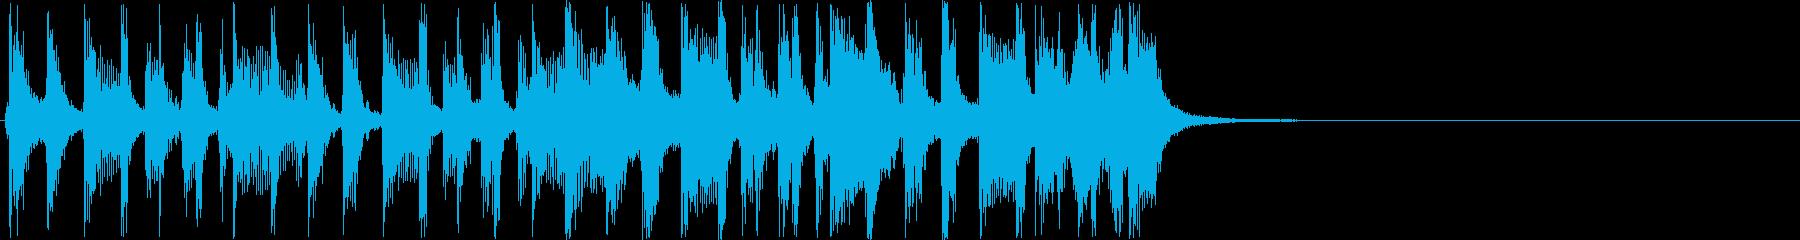 アコースティクバンド元気で明るいジングルの再生済みの波形